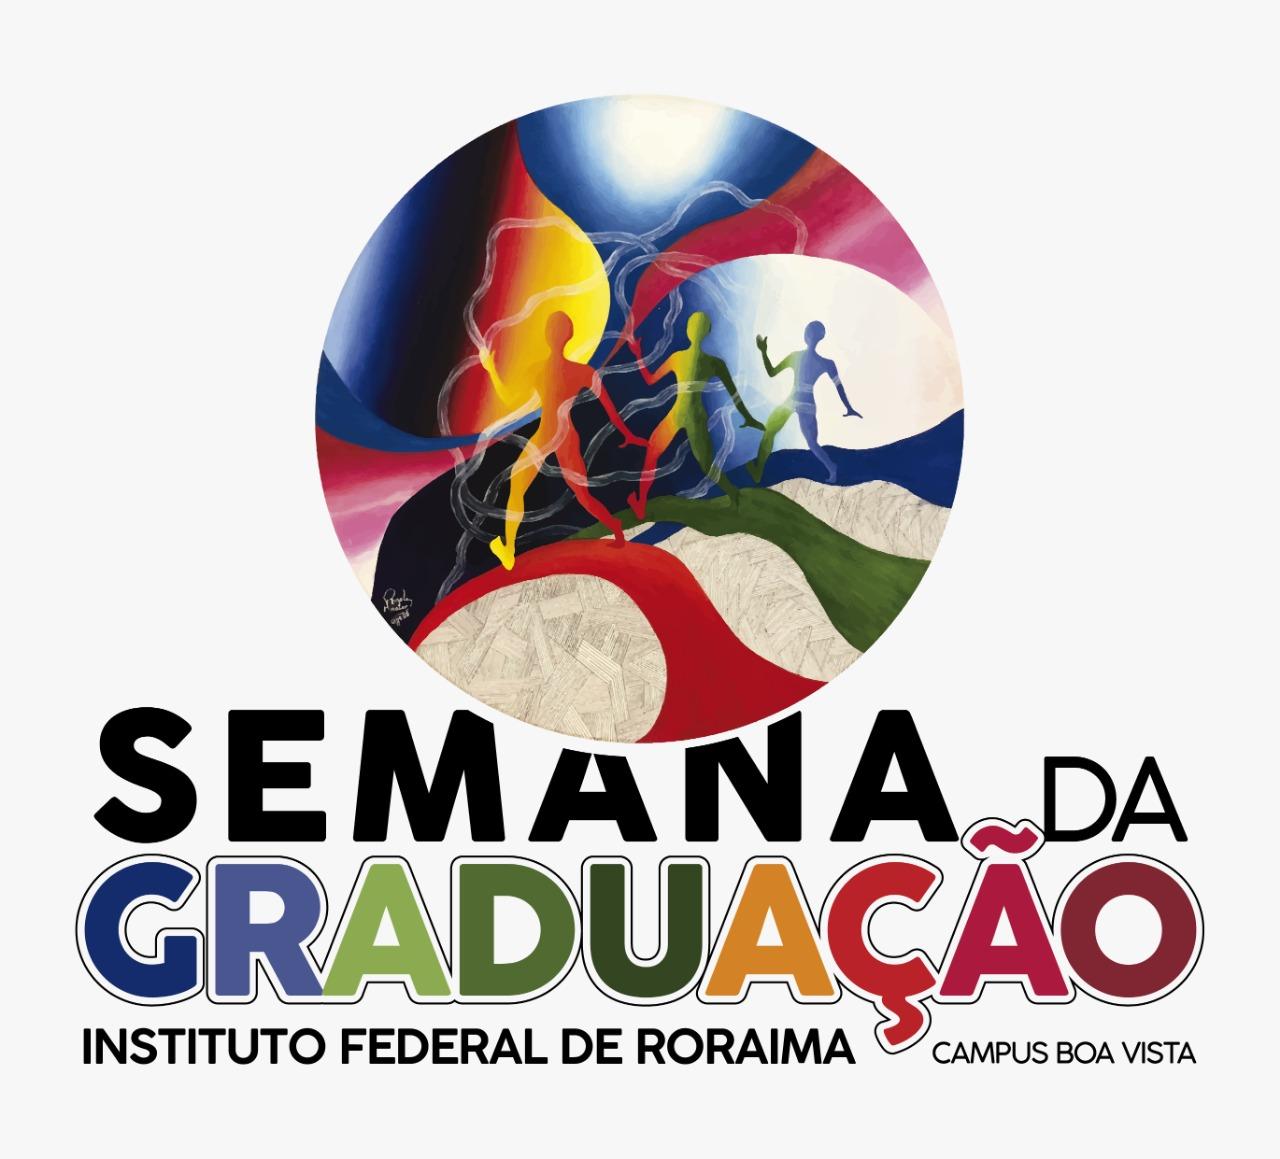 Abertura da Semana da Graduação ocorre nesta segunda-feira, a partir das 19 horas